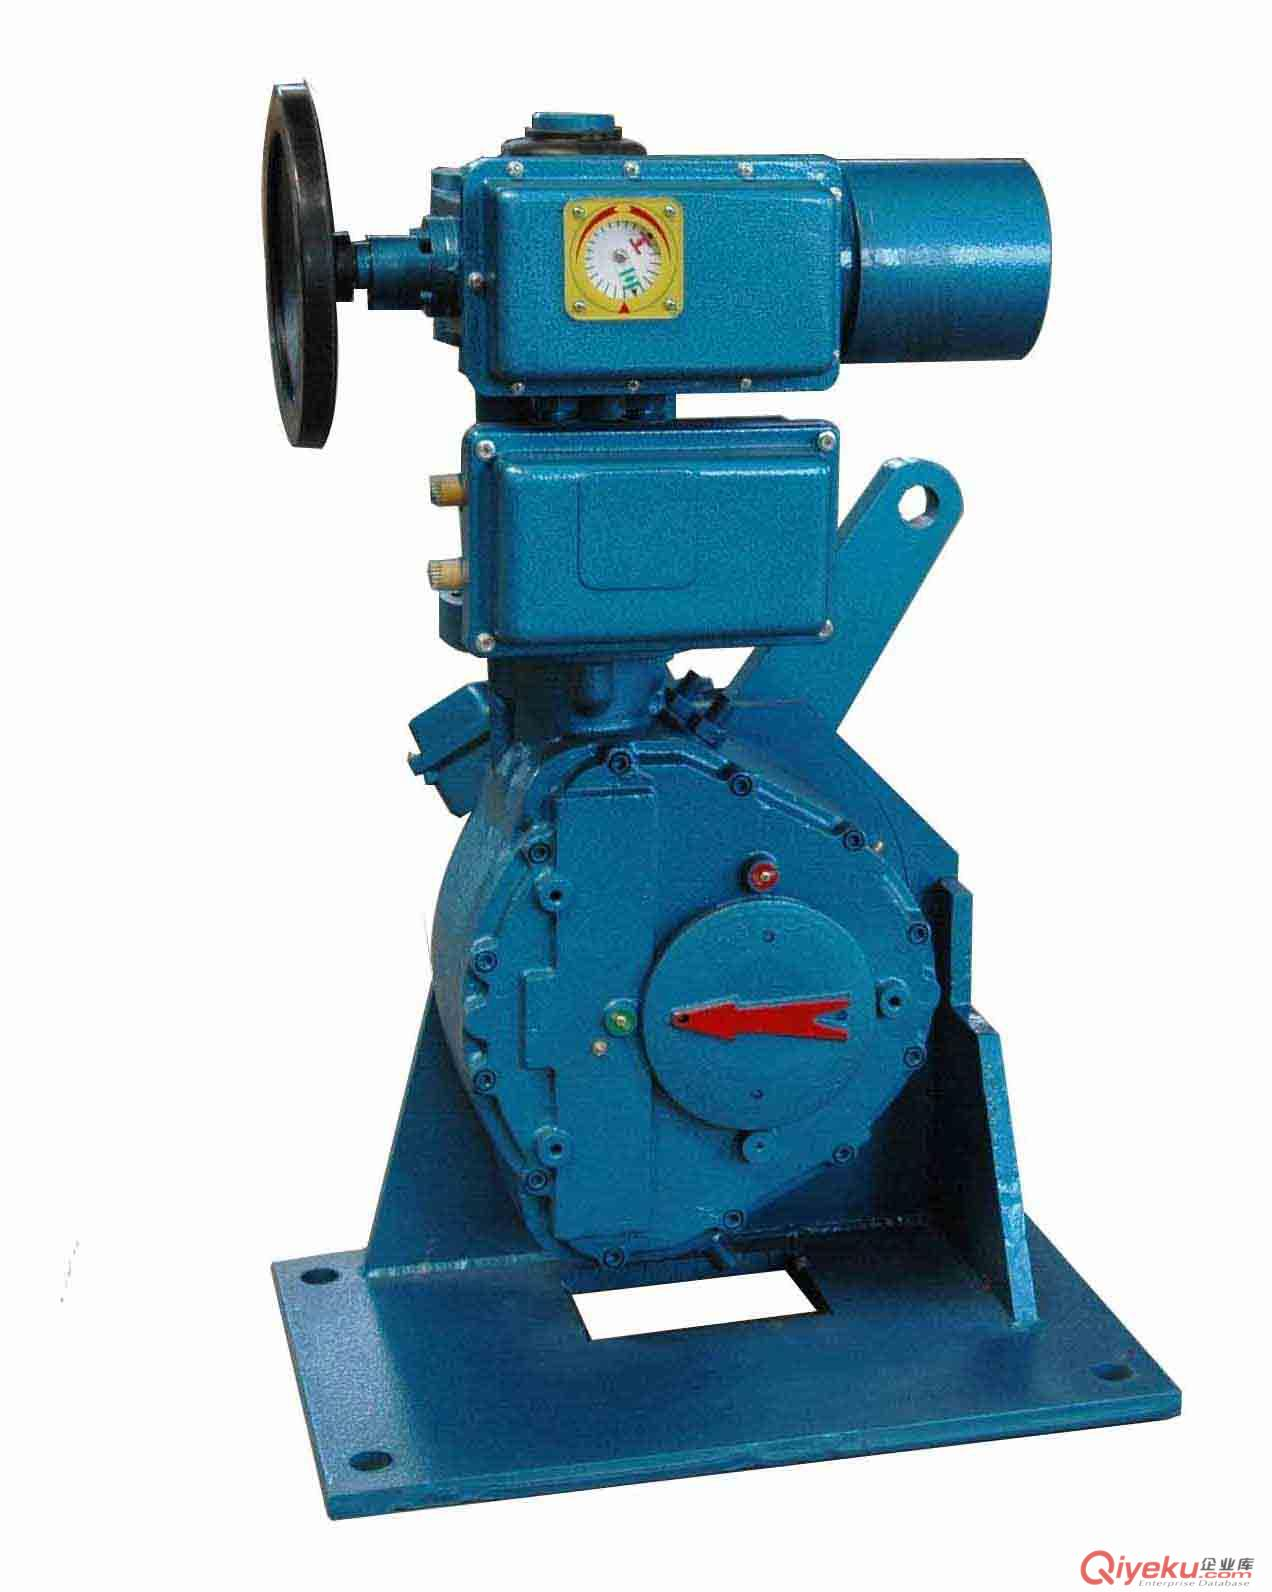 伯纳德技术电动执行器b+rs1825g-天津弗瑞亚自动化